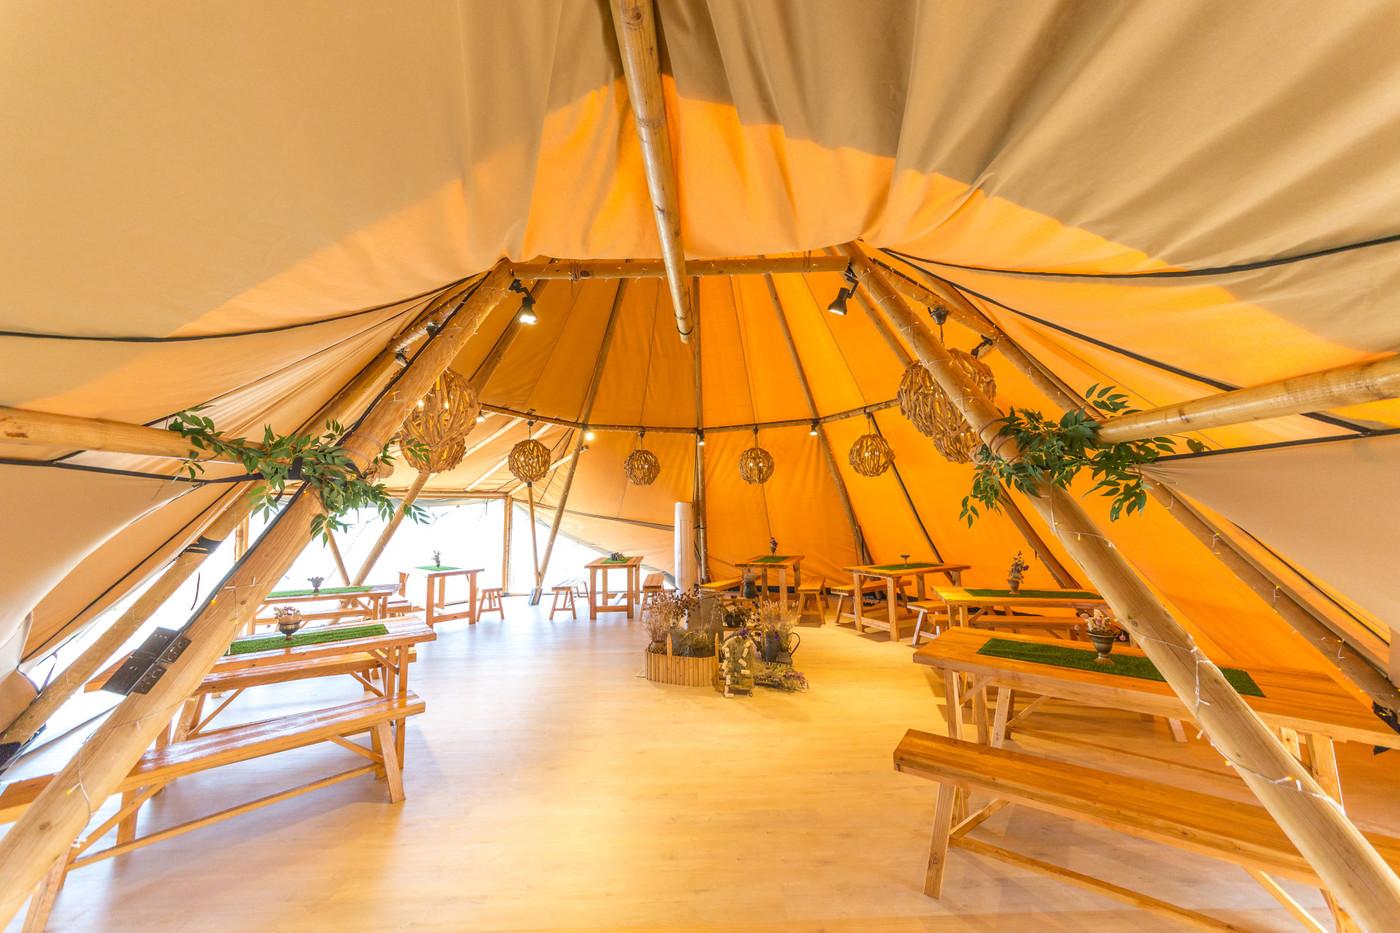 喜马拉雅印第安多功能大厅—淮安白马湖生态旅游度假区26